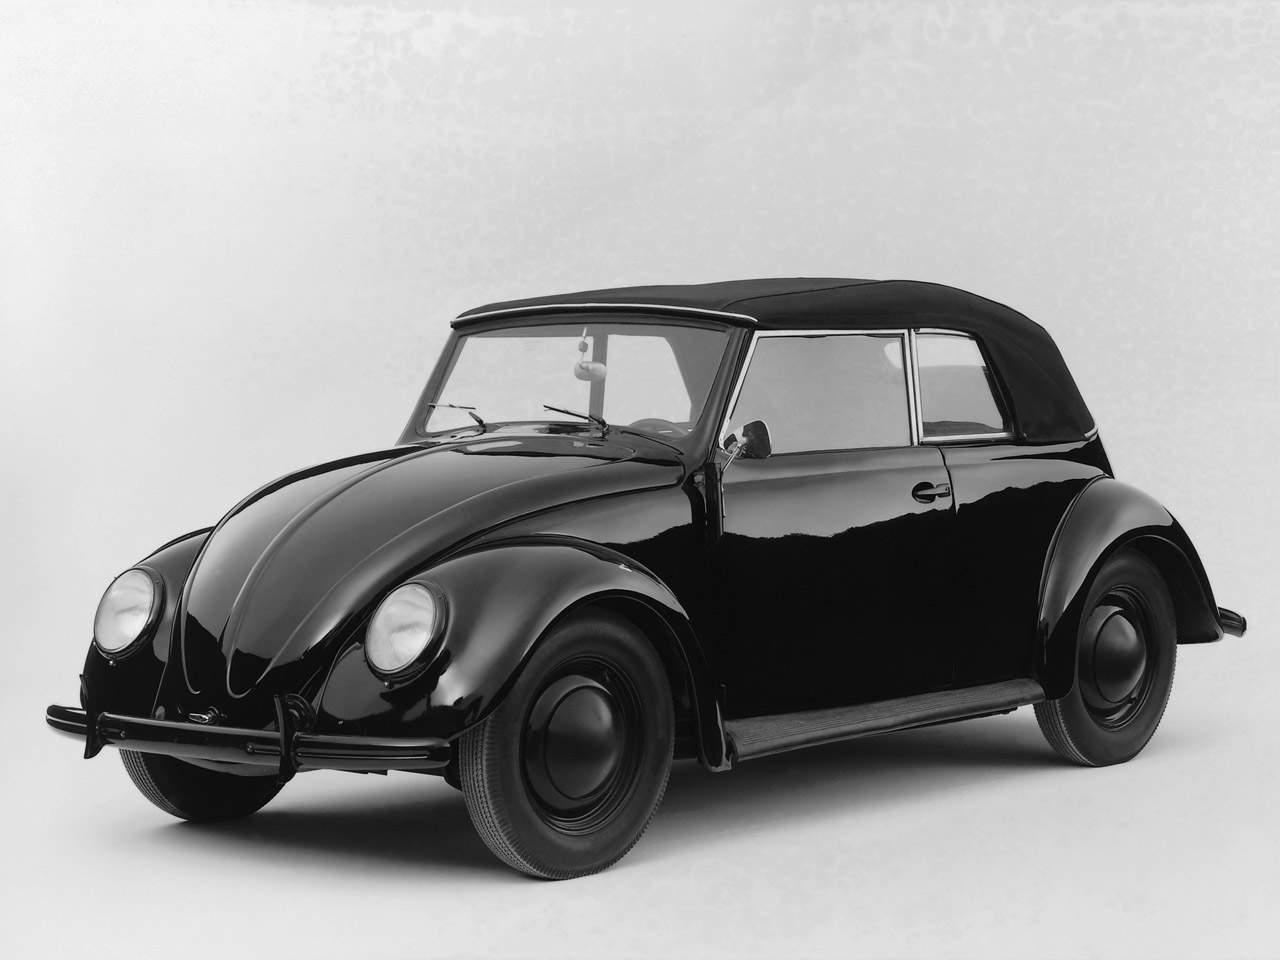 Volkswagen Bug Classic Car